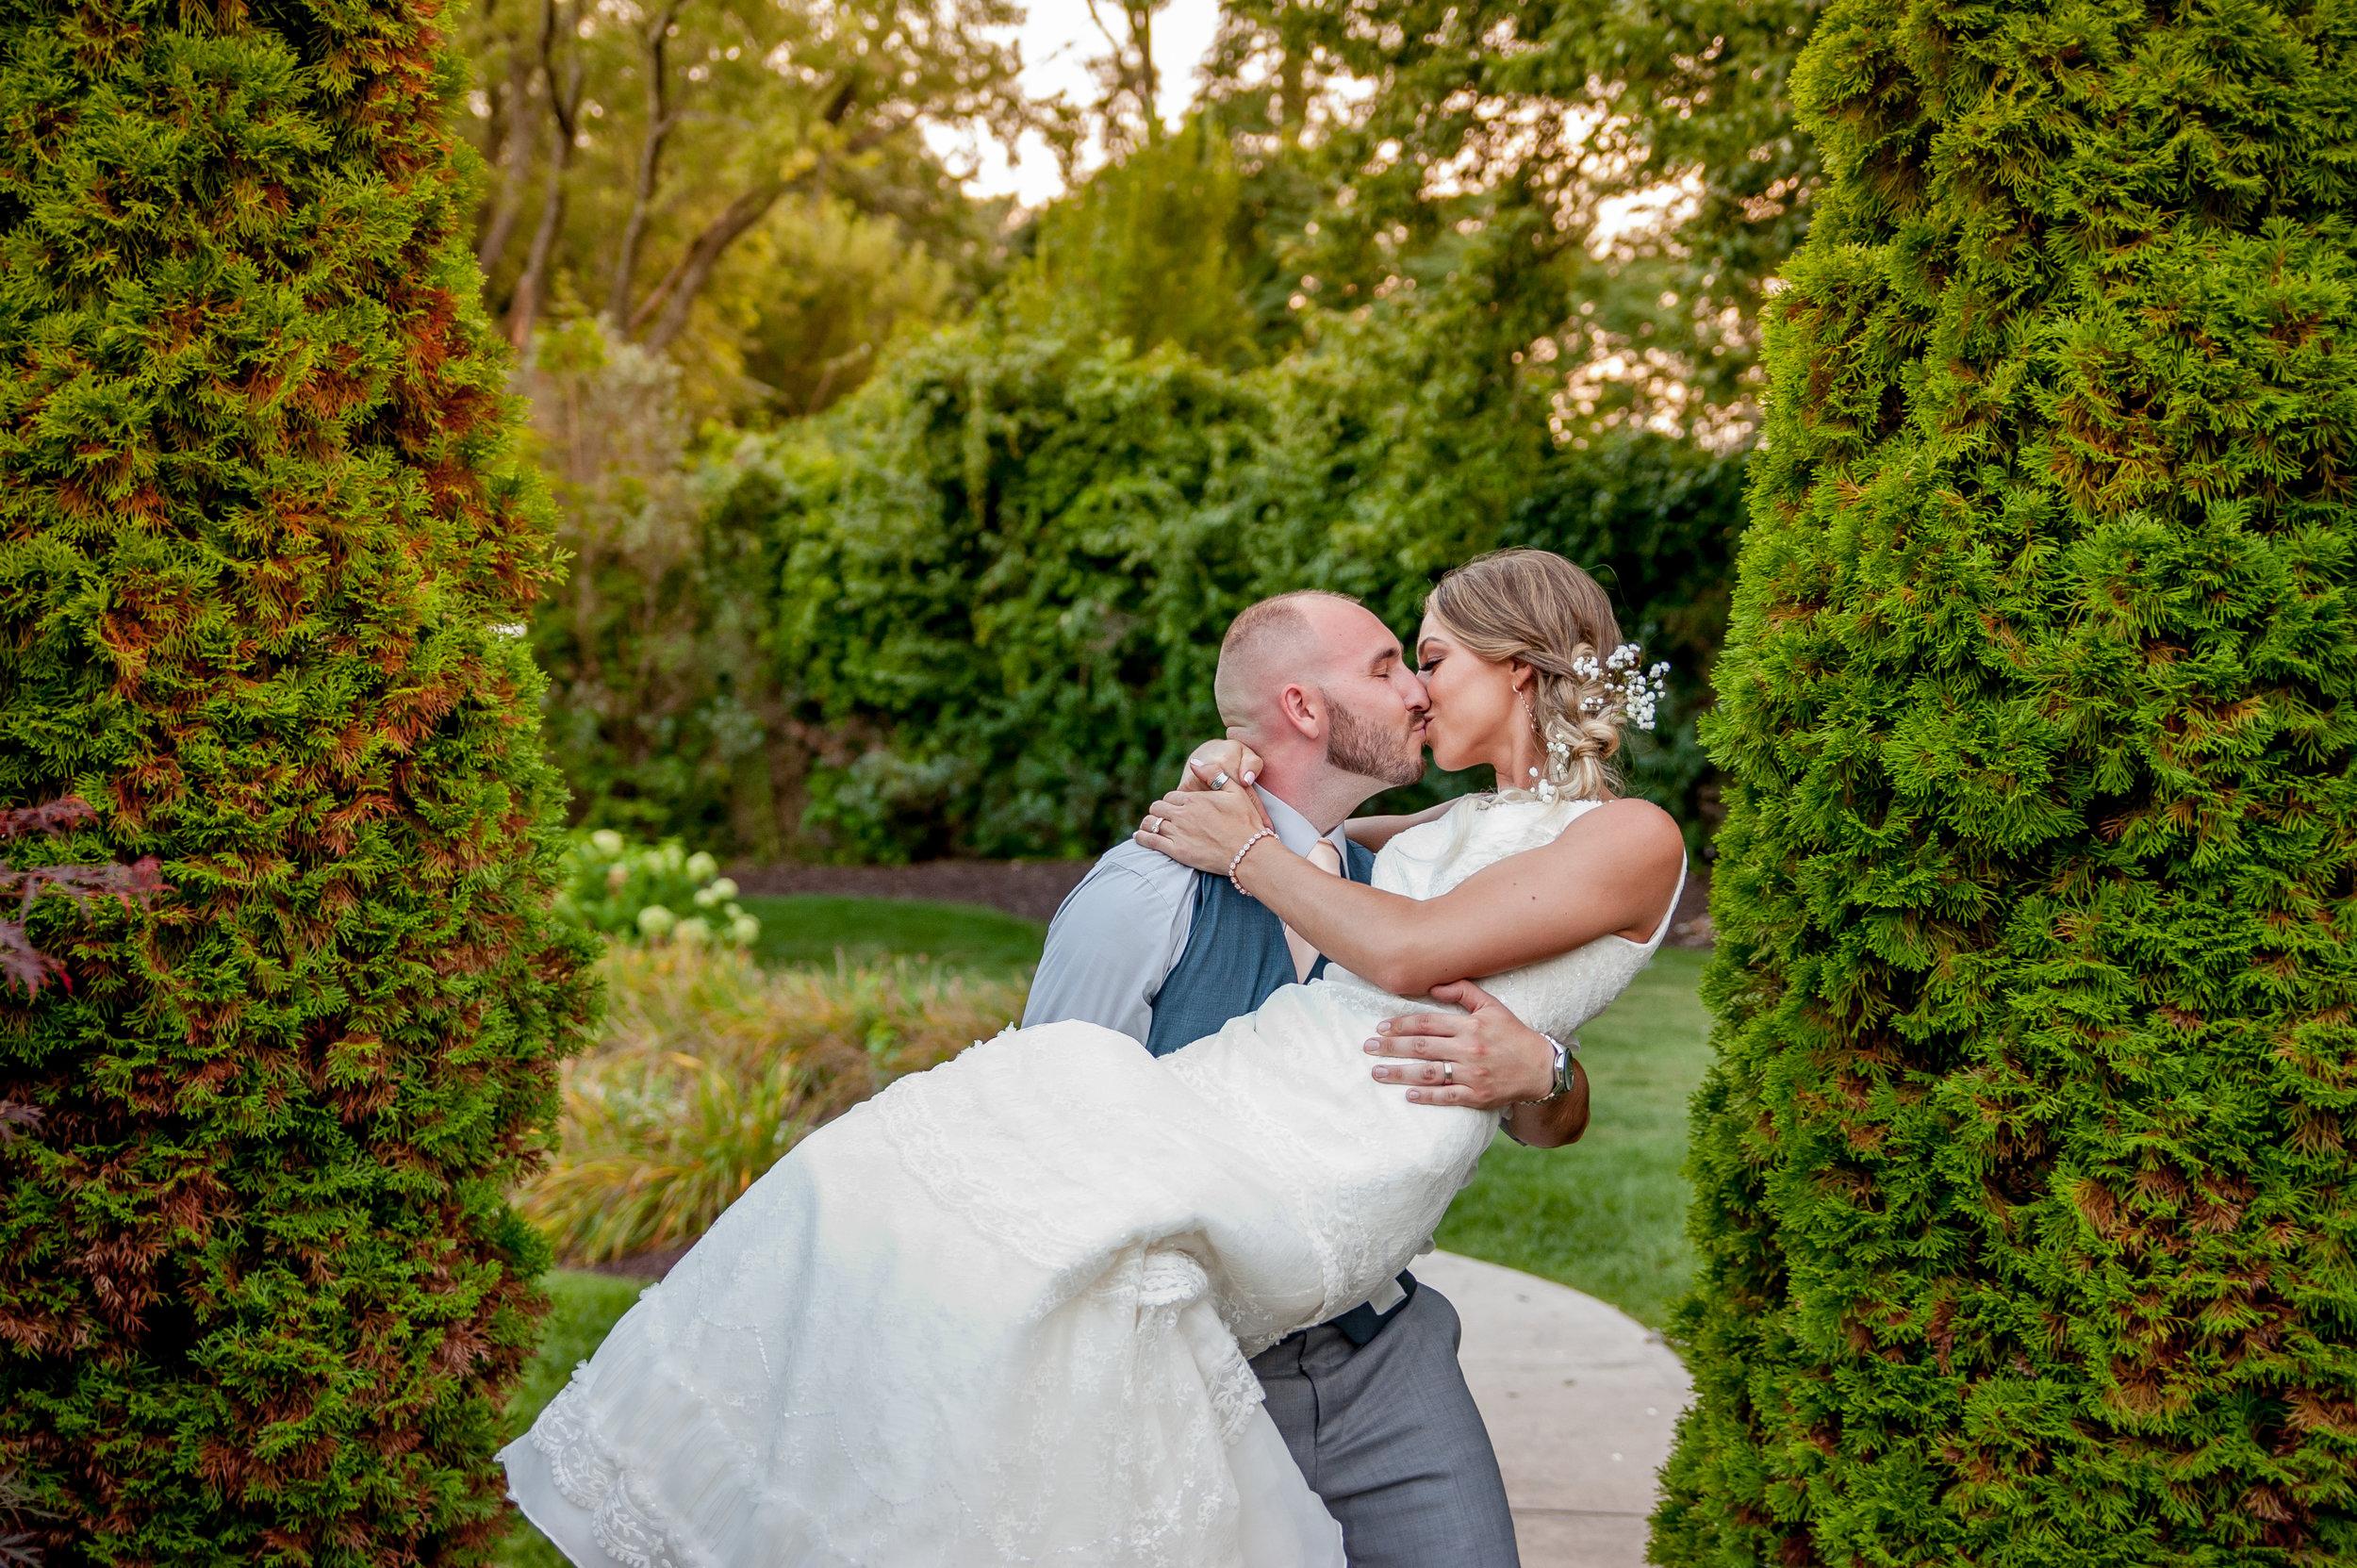 Wedding Photographer Schenectady NY